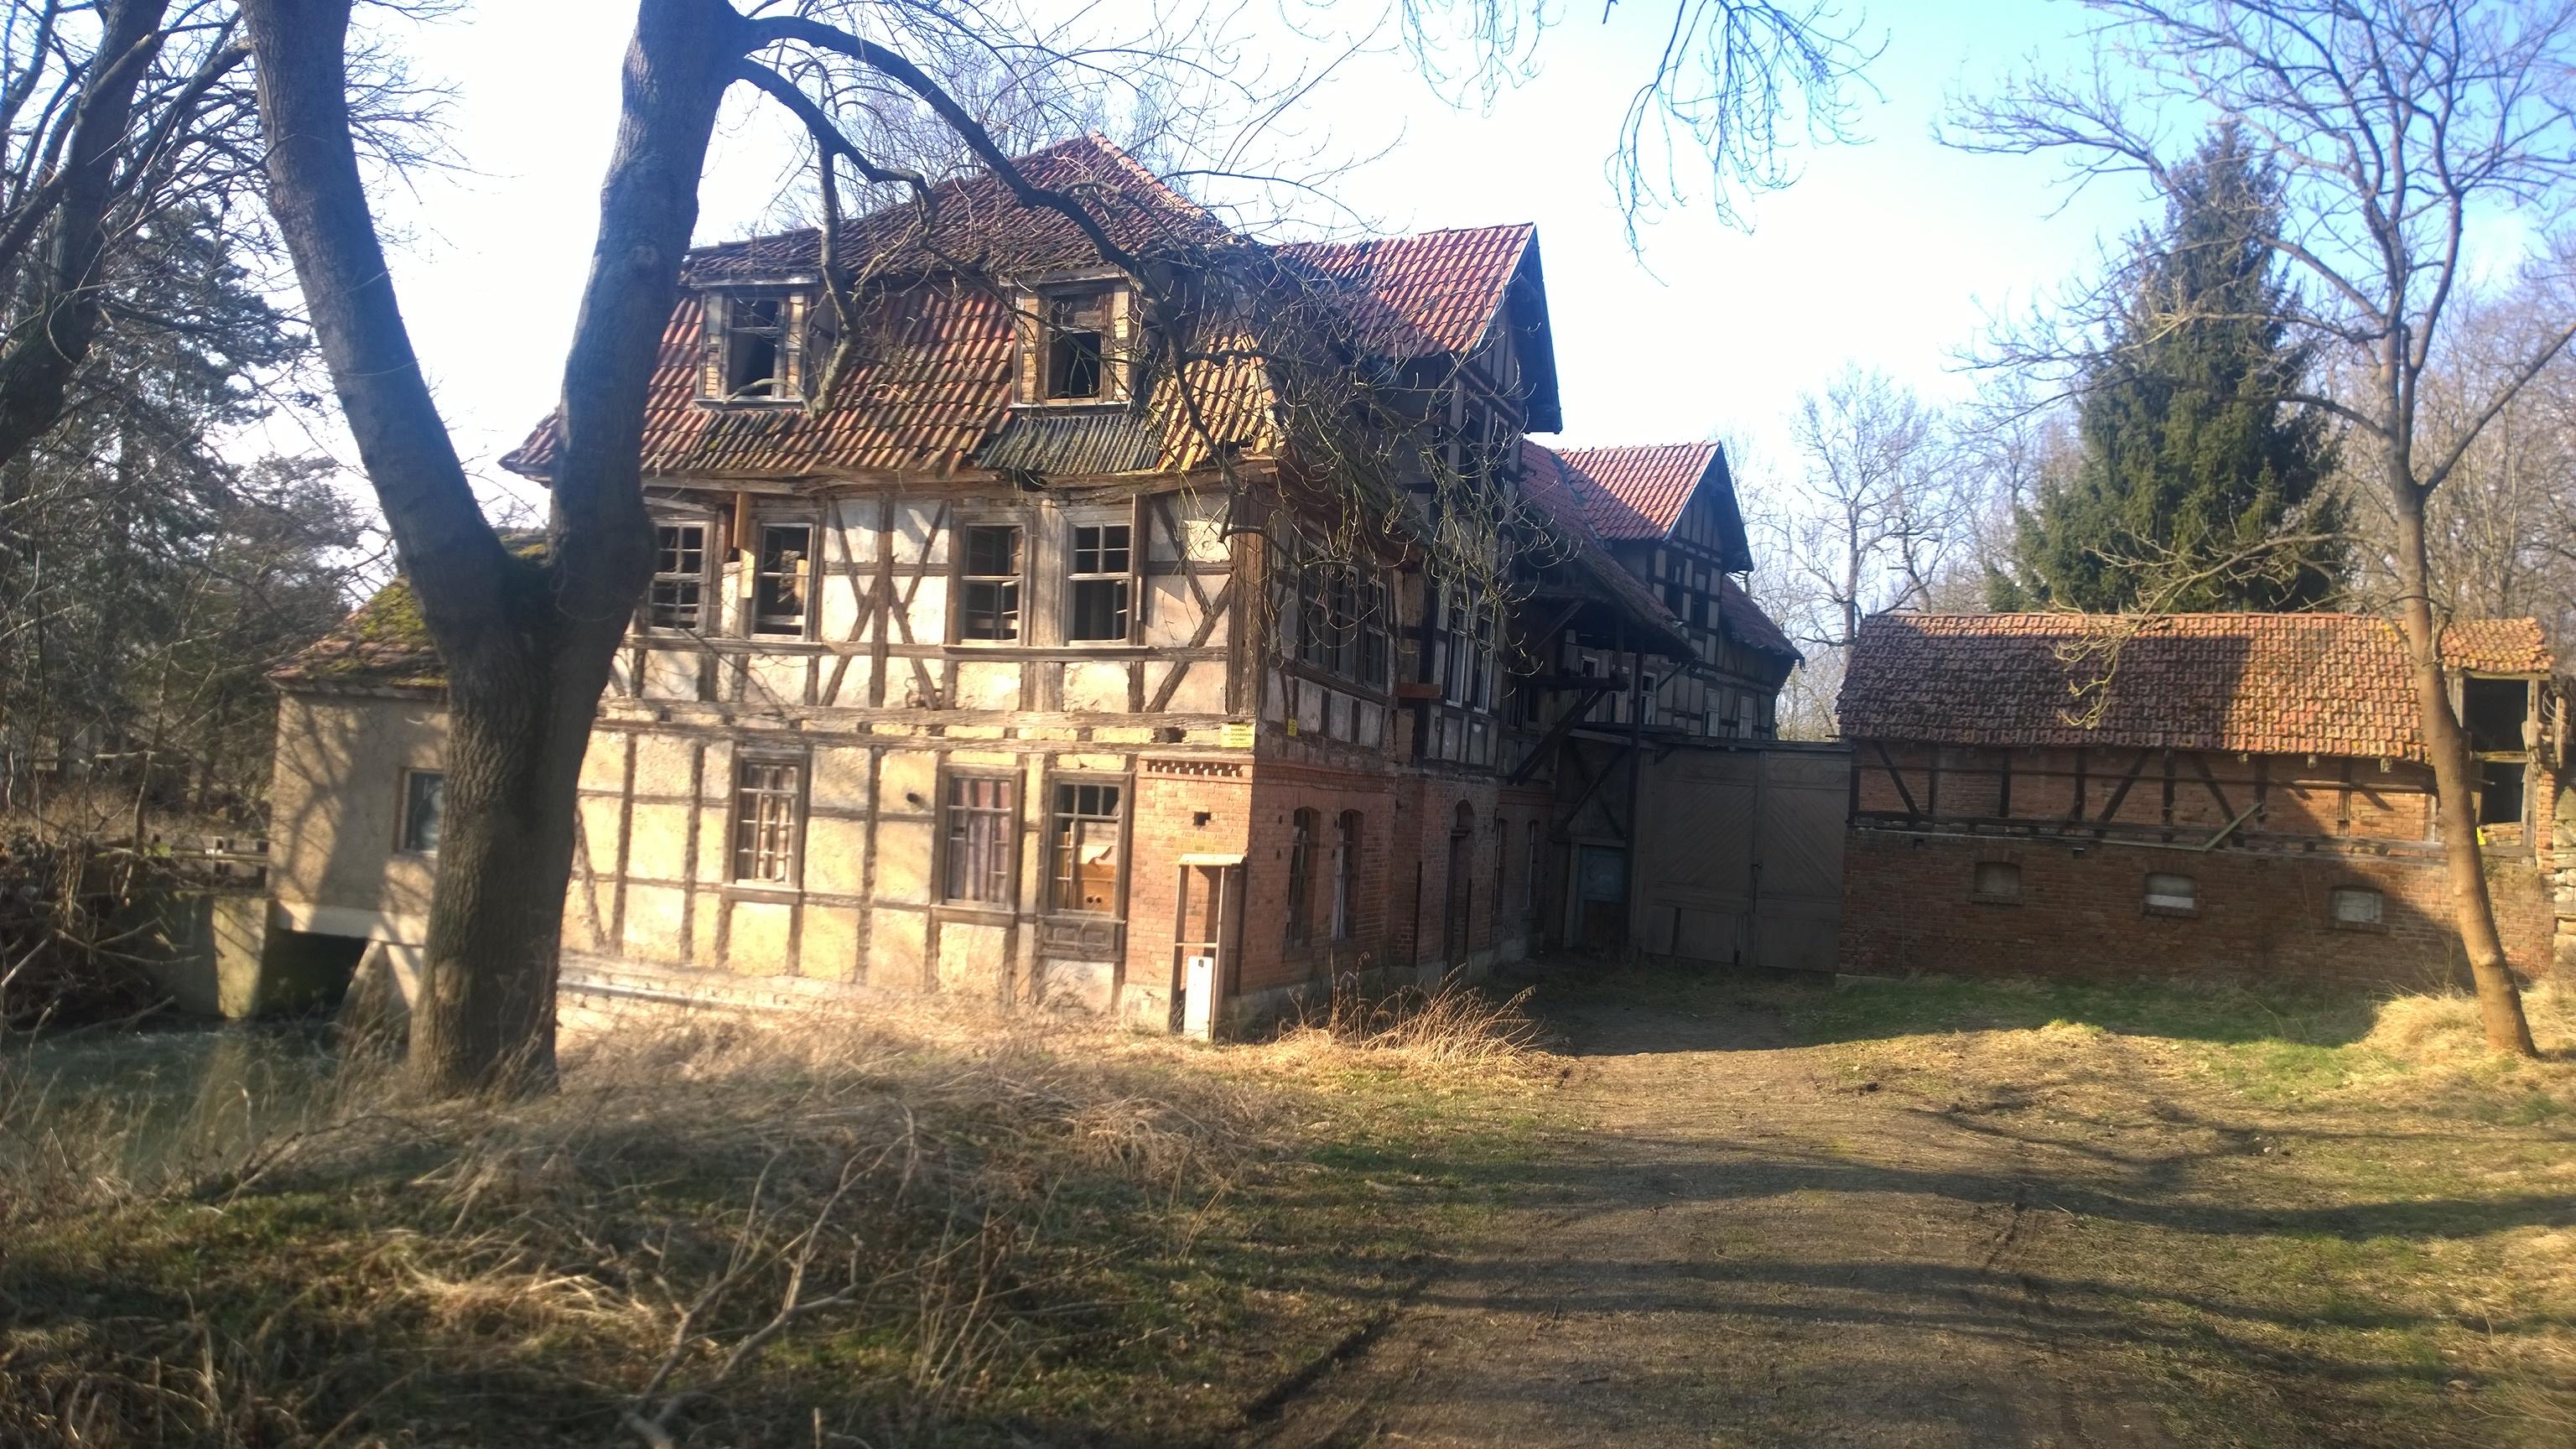 Obermühle vorher